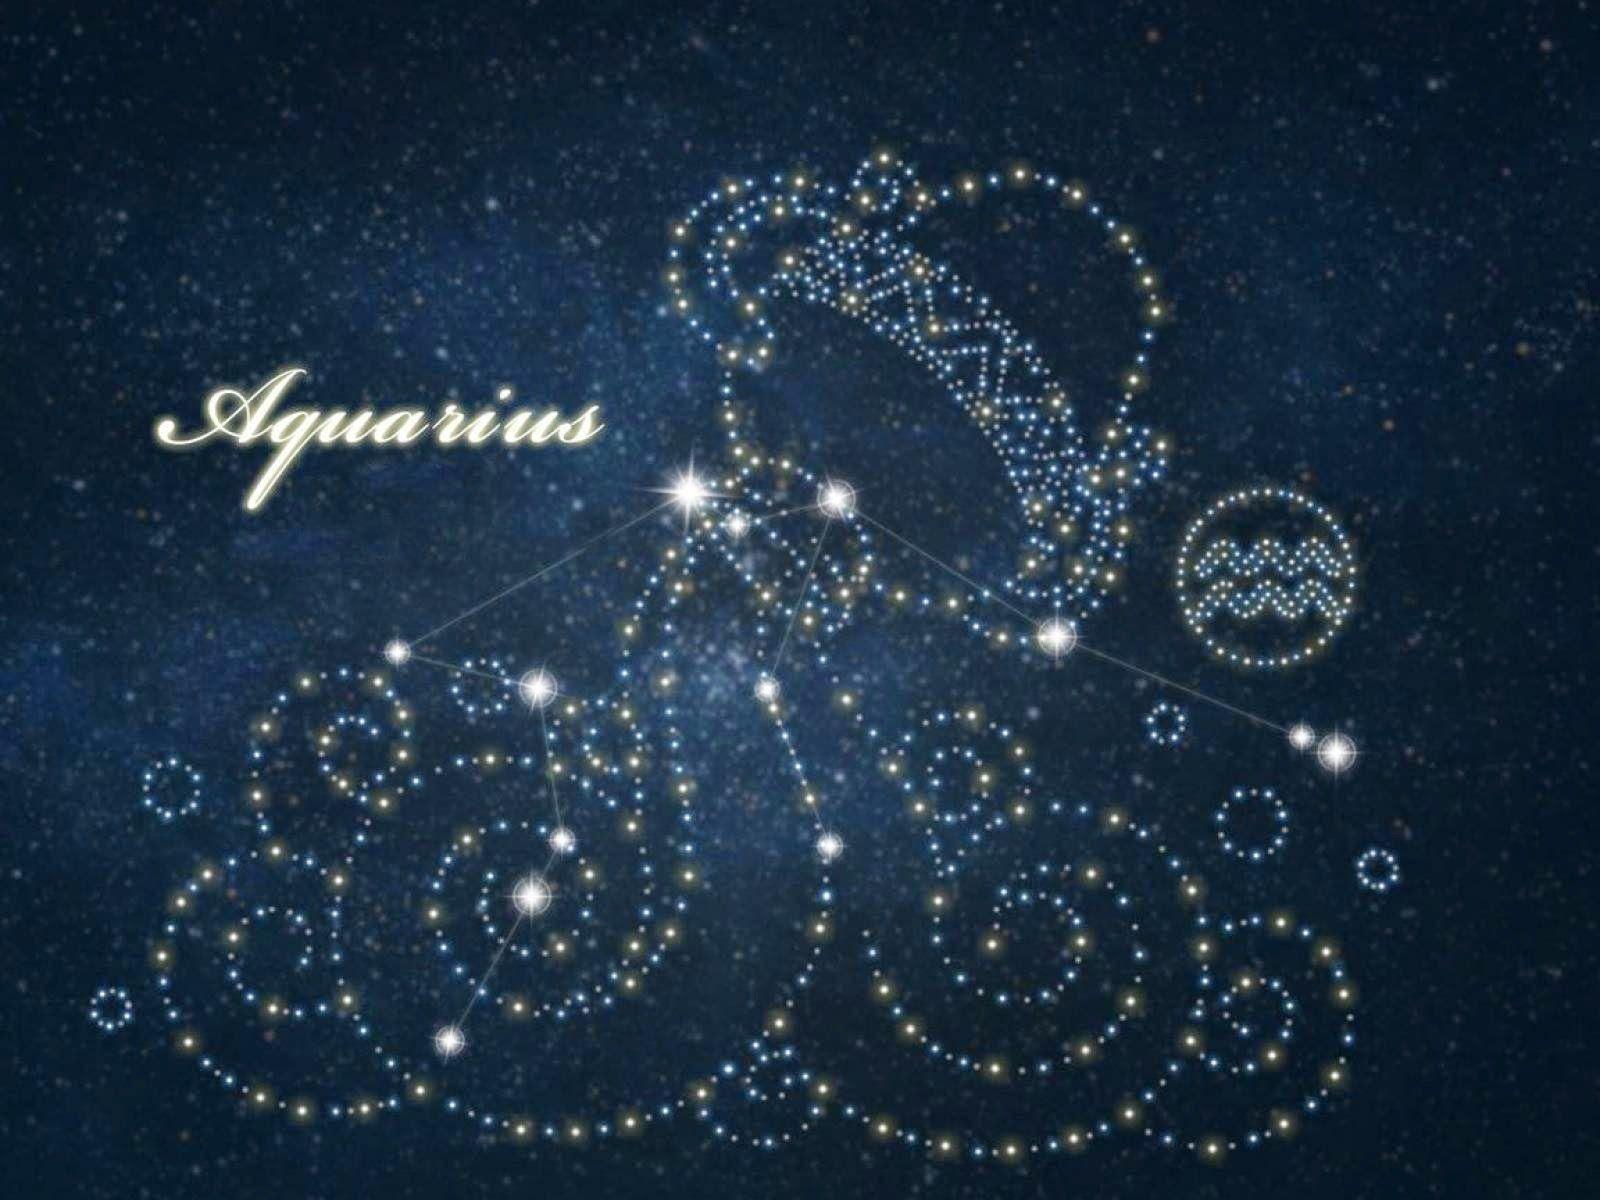 Hình ảnh chòm sao Bảo Bình lấp lánh cực đẹp